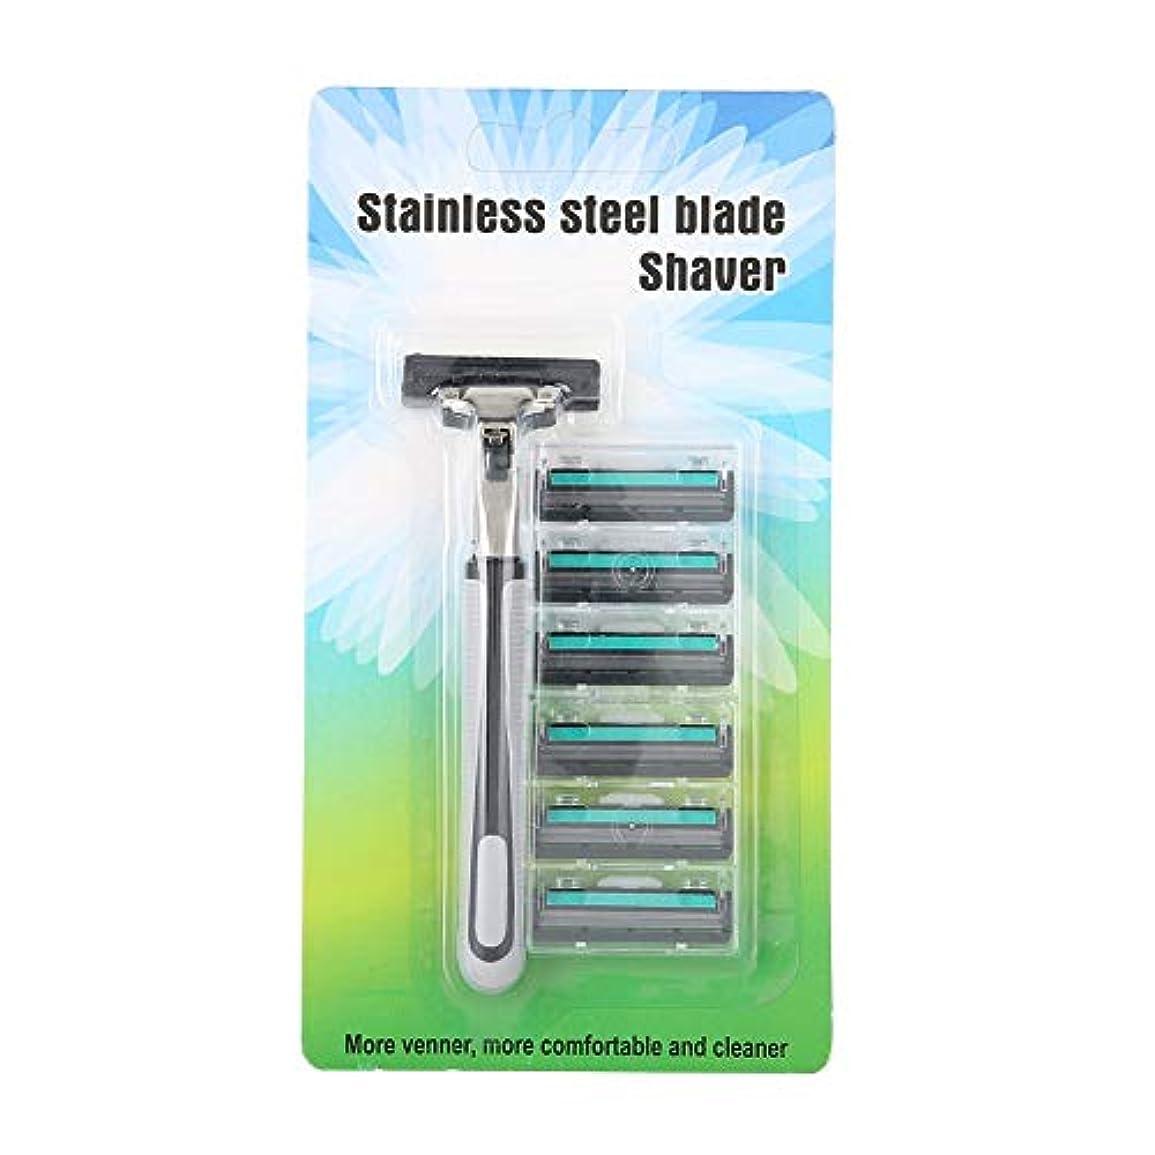 理髪師 ストレートクラシックカミソリ マニュアル 6個 ステンレス鋼刃 バタフライ オープンダブルエッジ シェーバーナイフ(三層)